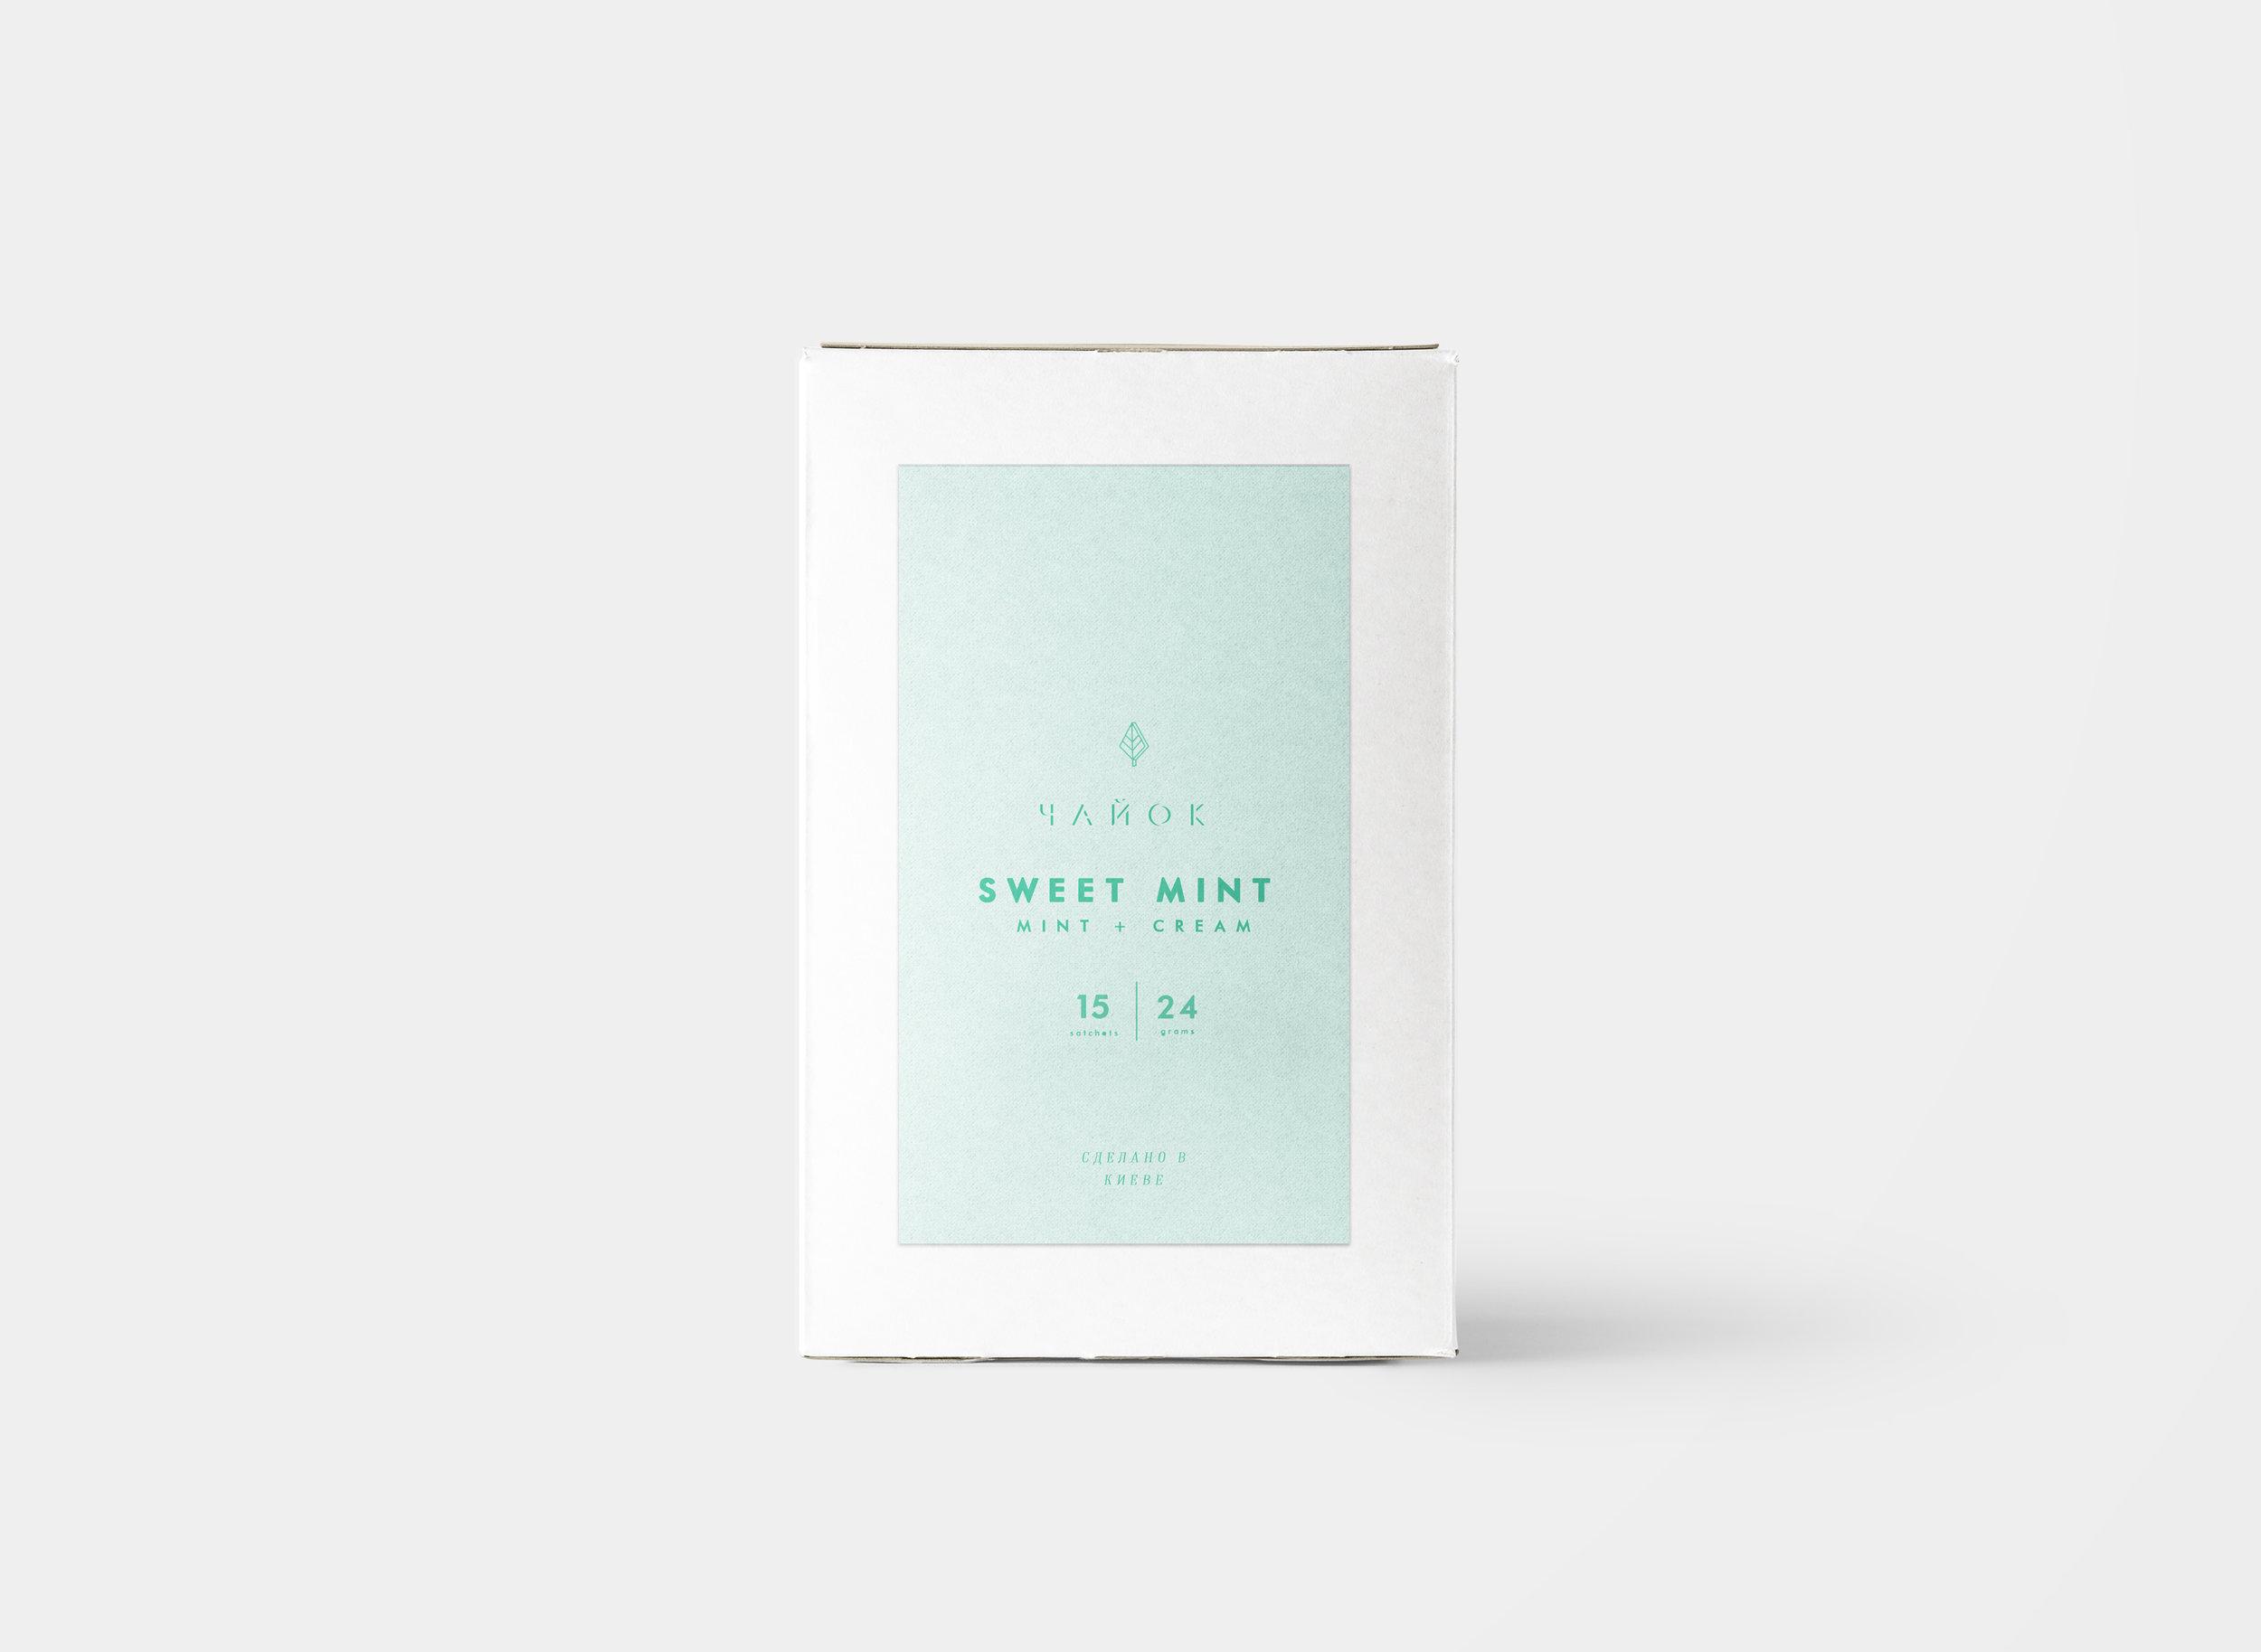 sweet mint chayok tea packaging